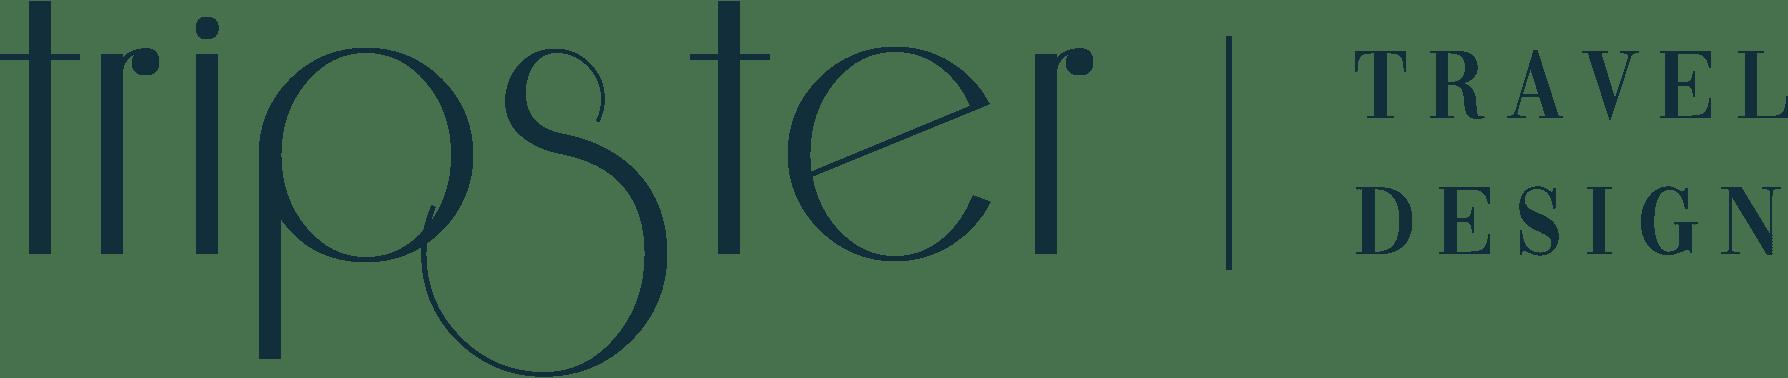 TRIP DESIGNER APPLICATION FORM